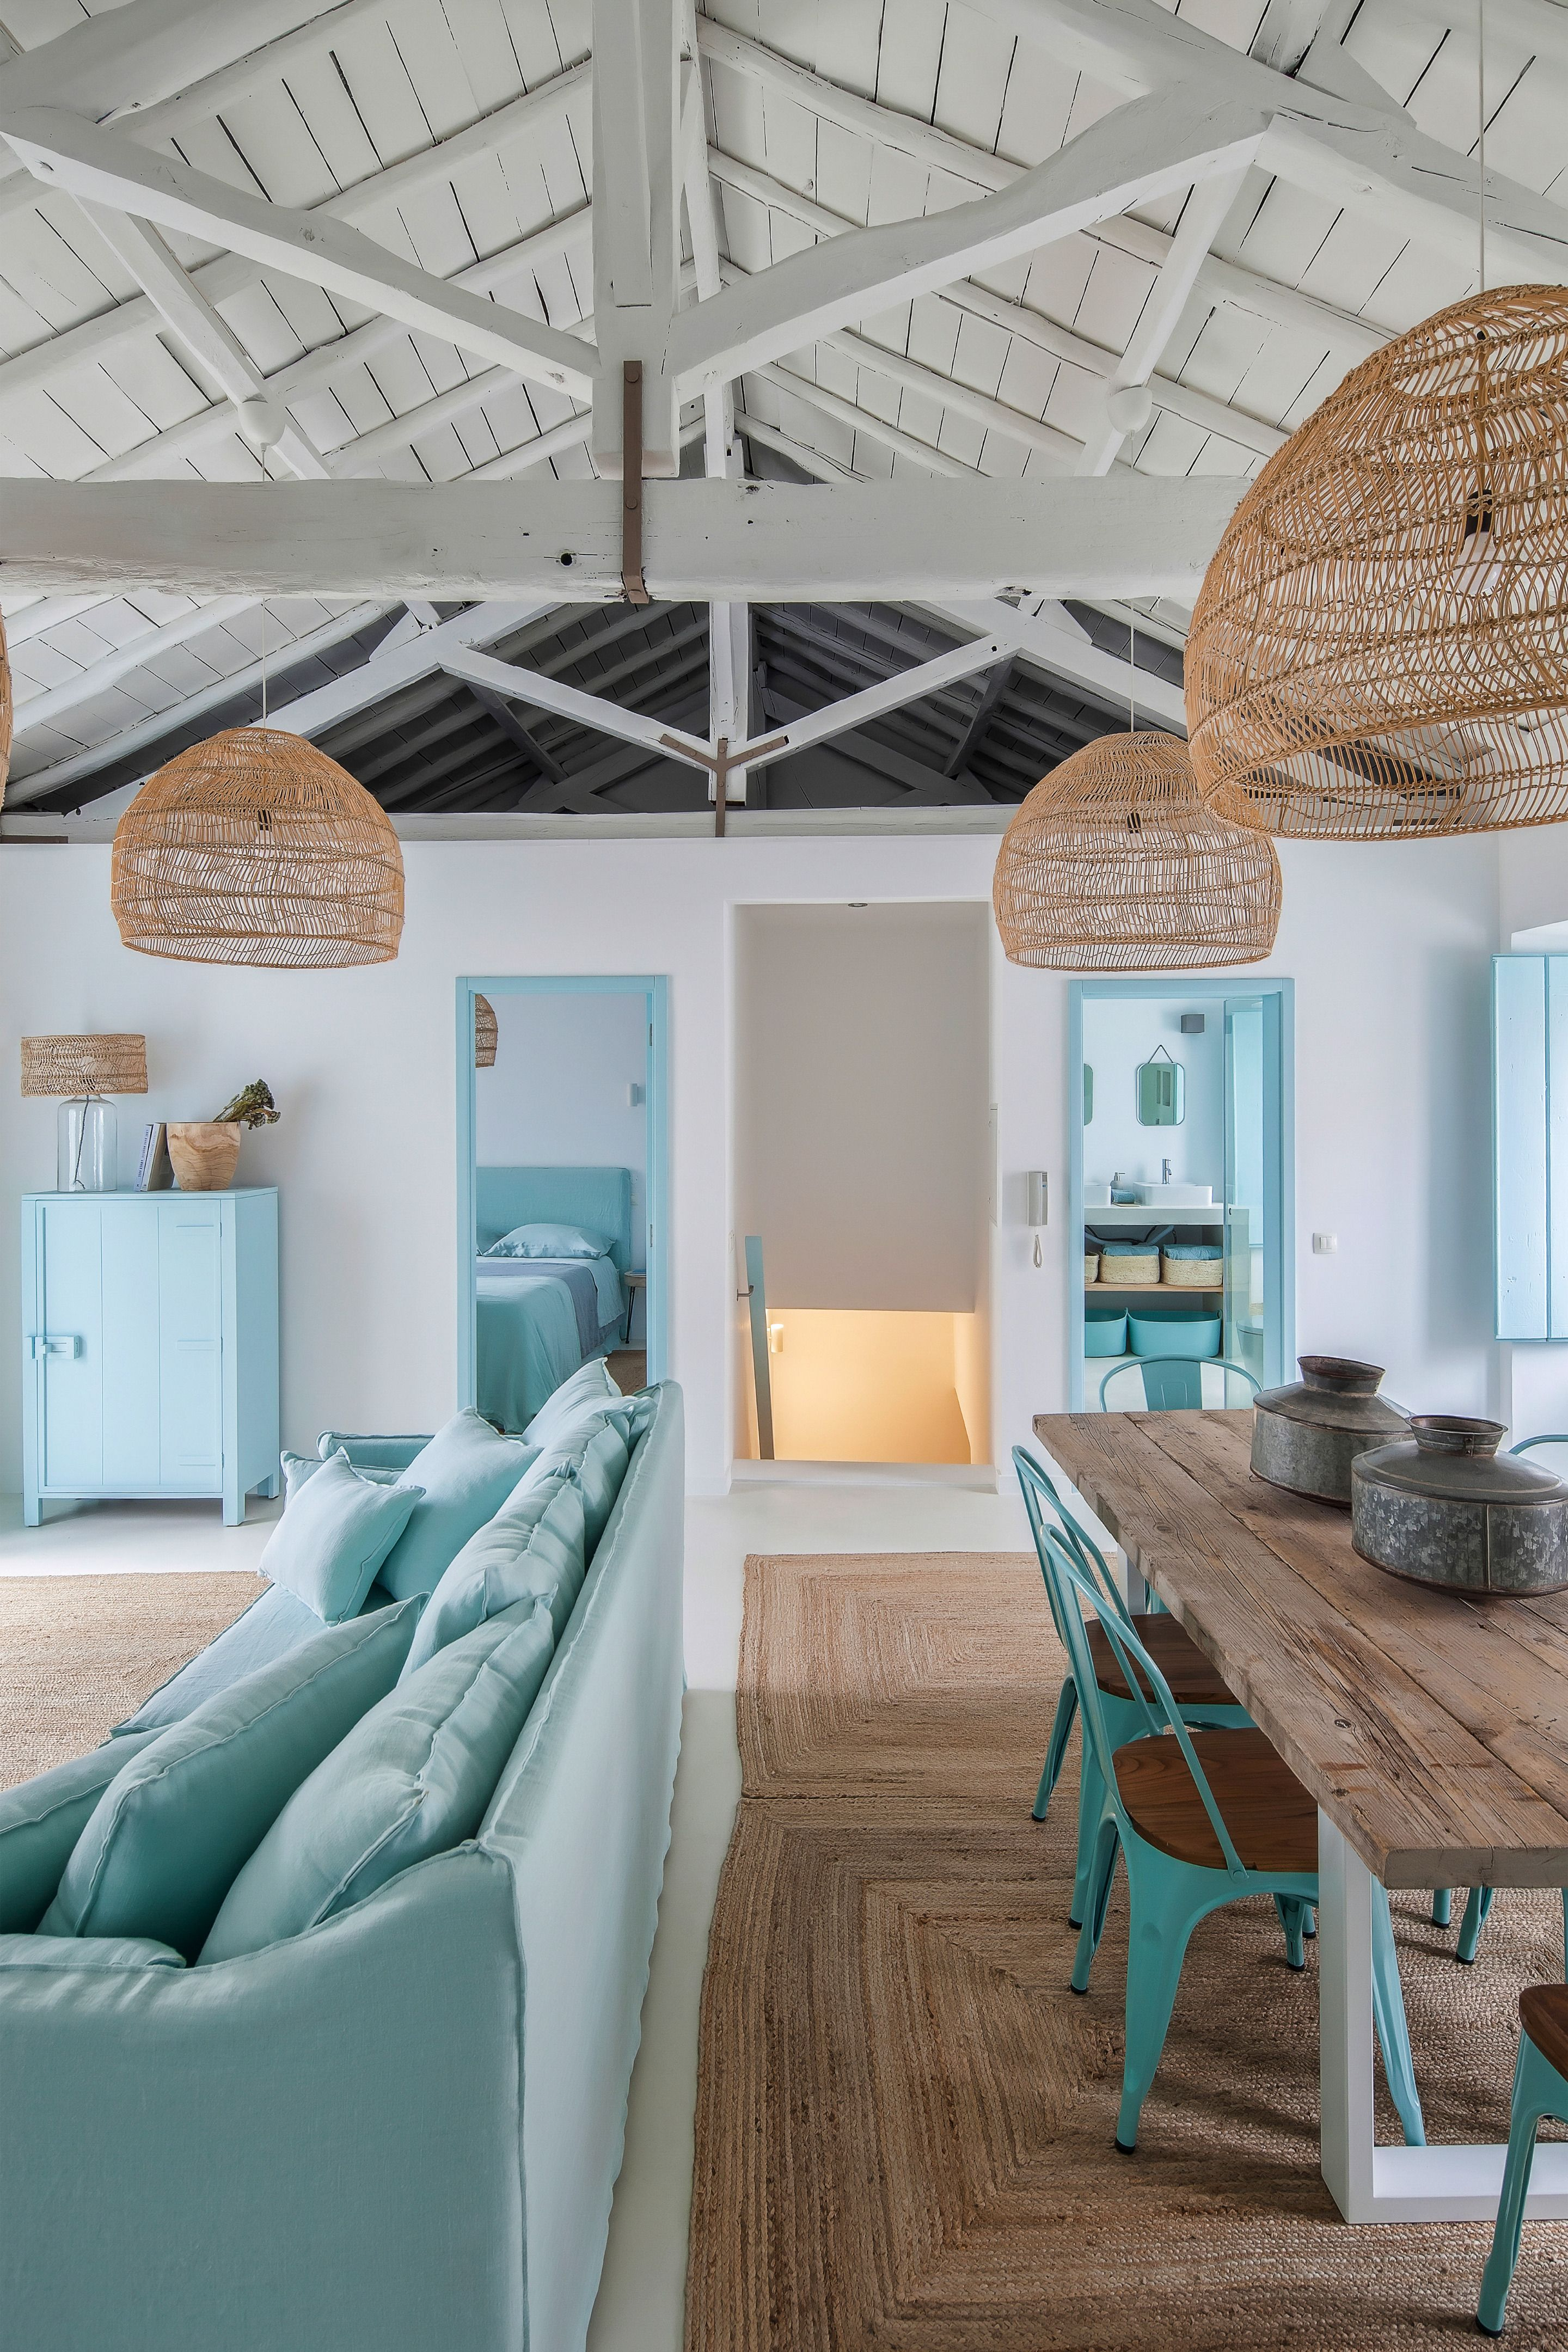 Maison de vacances  12 idées pour bien la décorer et l'aménager ...